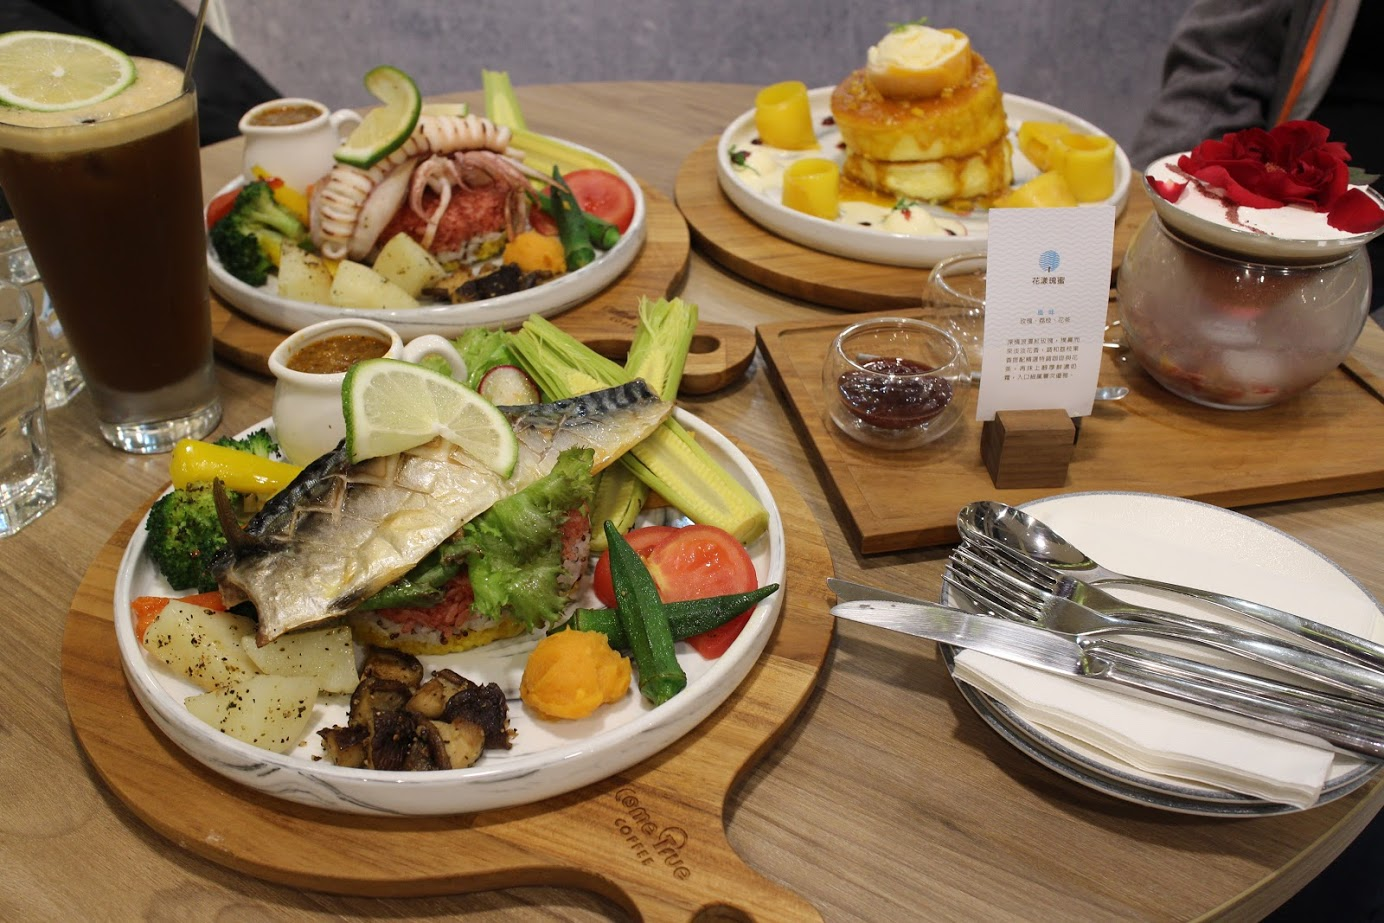 成真咖啡台北sogo復興店,用好吃的彩虹飯及花漾瑰蜜、舒芙蕾度過浪漫的悠閒時光 @秤瓶樂遊遊